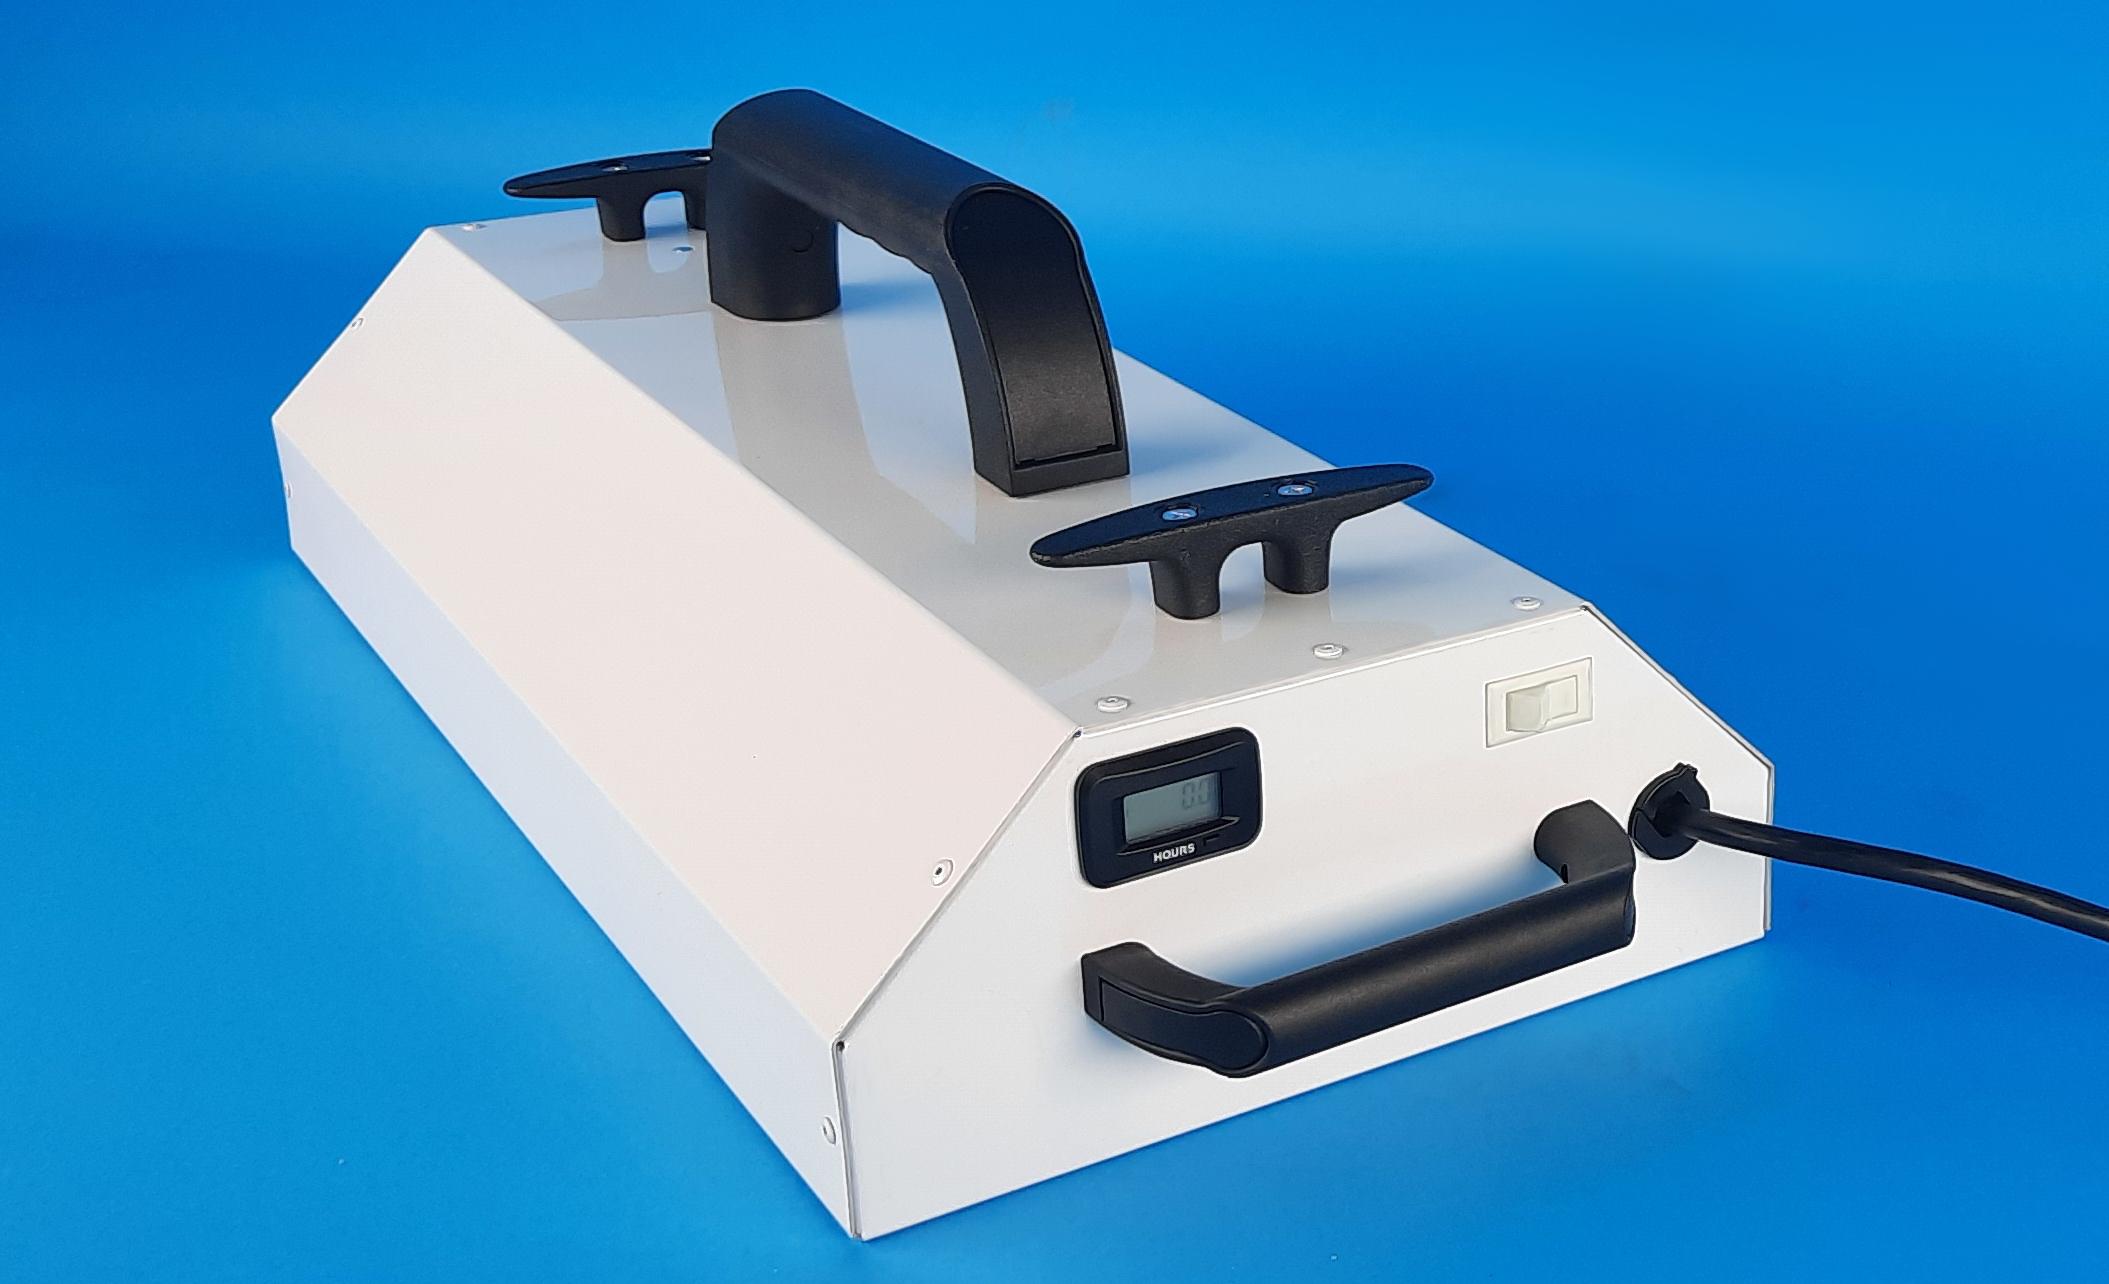 UVC Handheld Sanitizer Light product image